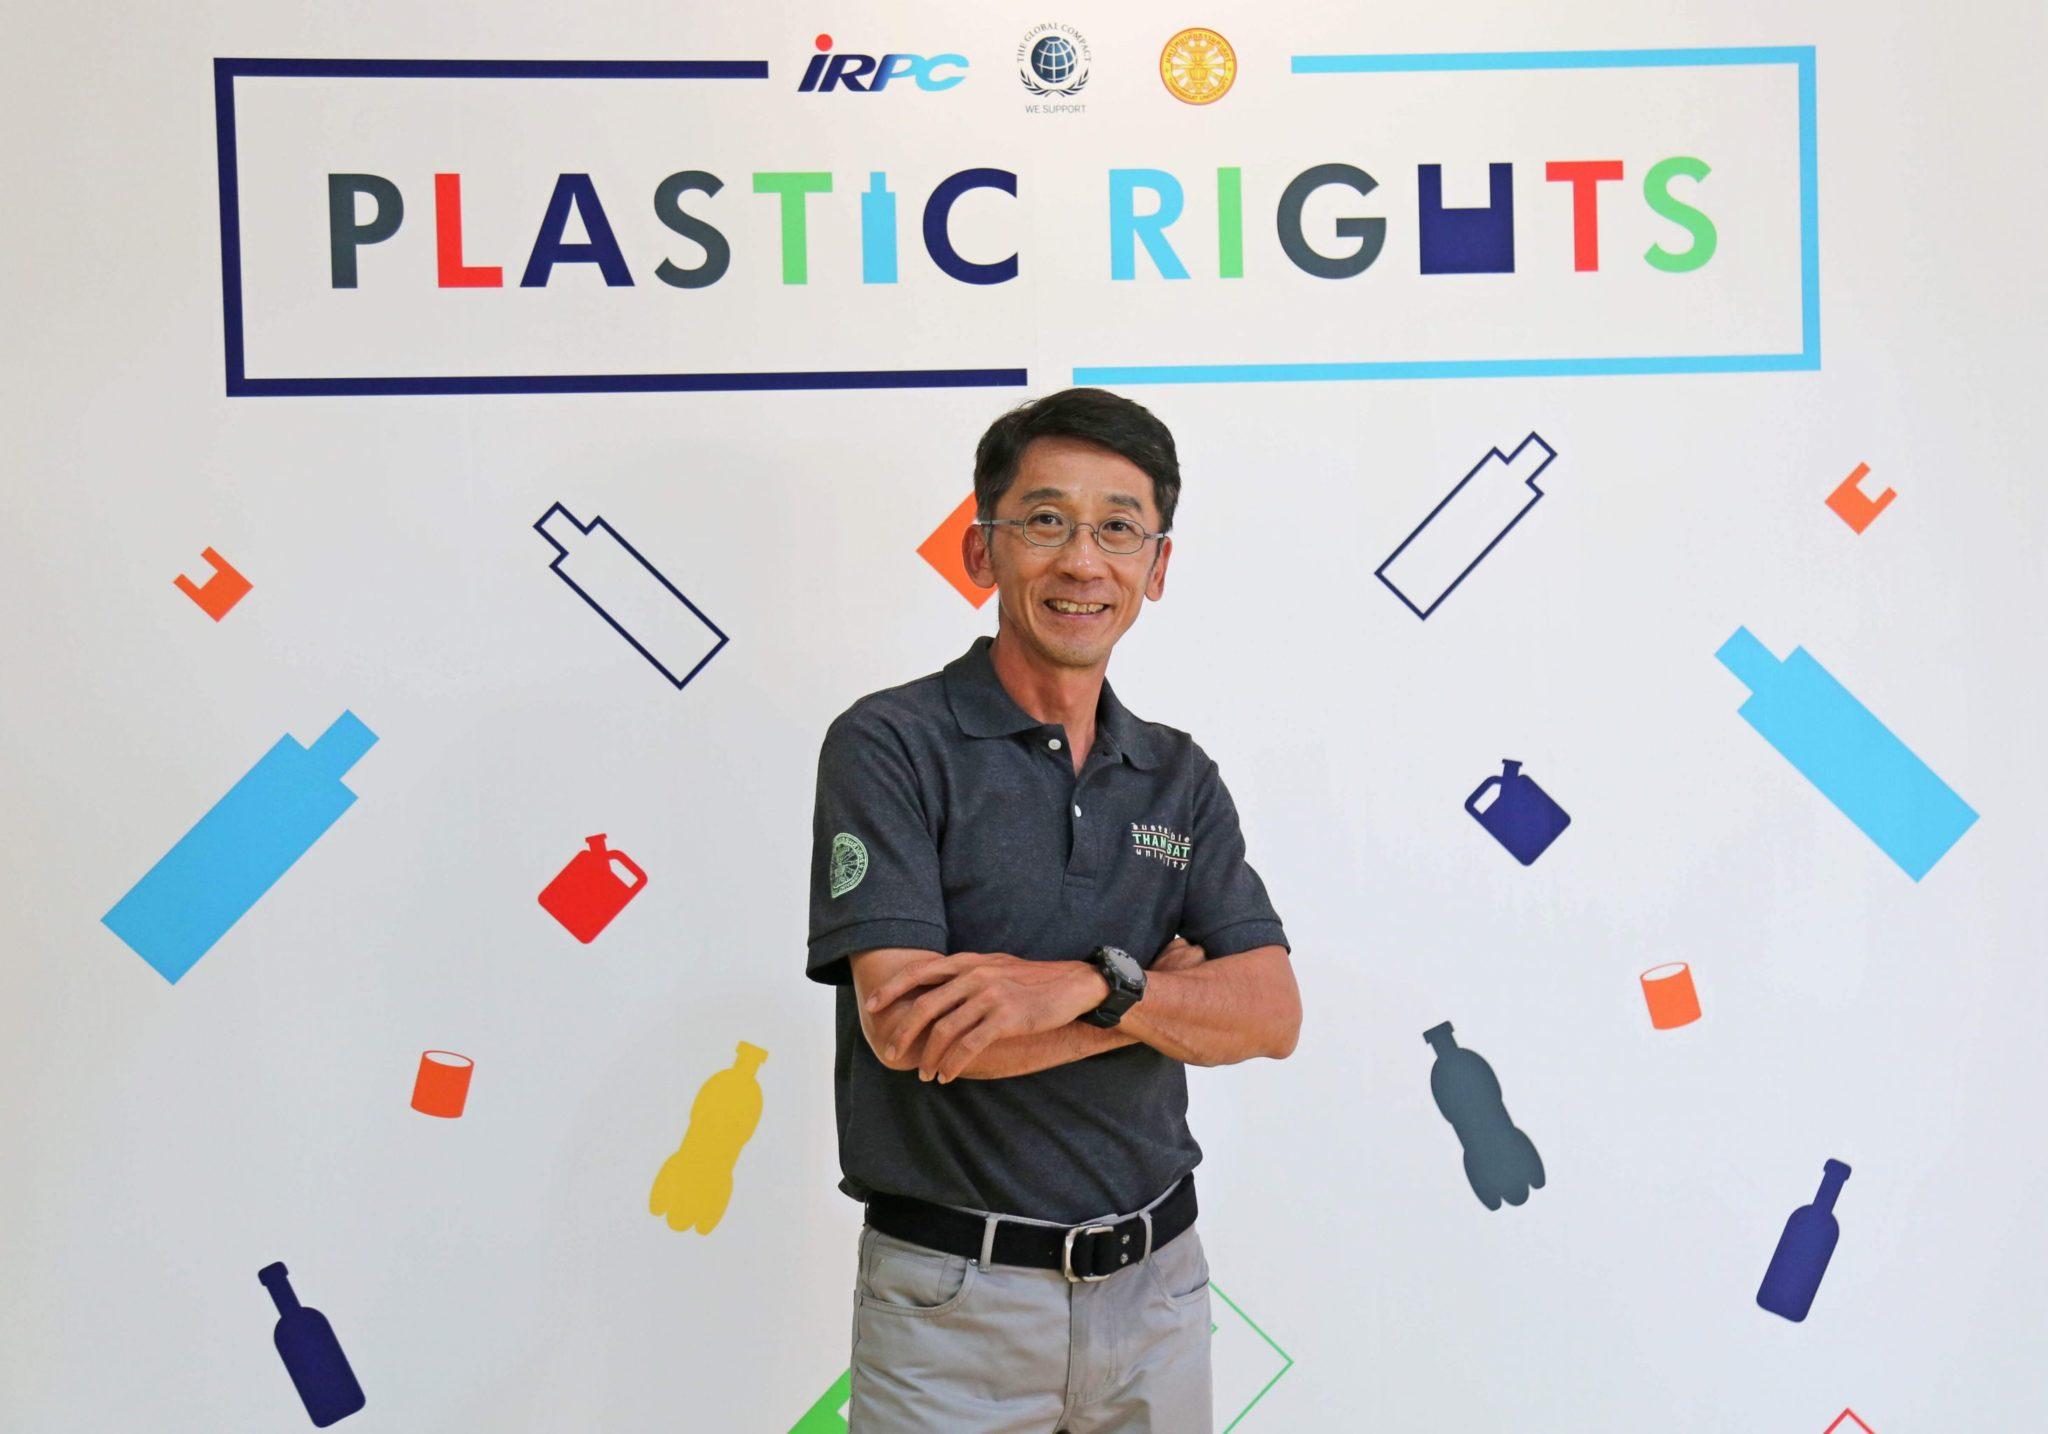 พายเรือเก็บขยะได้ถึง 2 ตัน ธรรมศาสตร์ร่วมสานต่อ #PlasticRights ในแม่น้ำระยอง 17 - junk